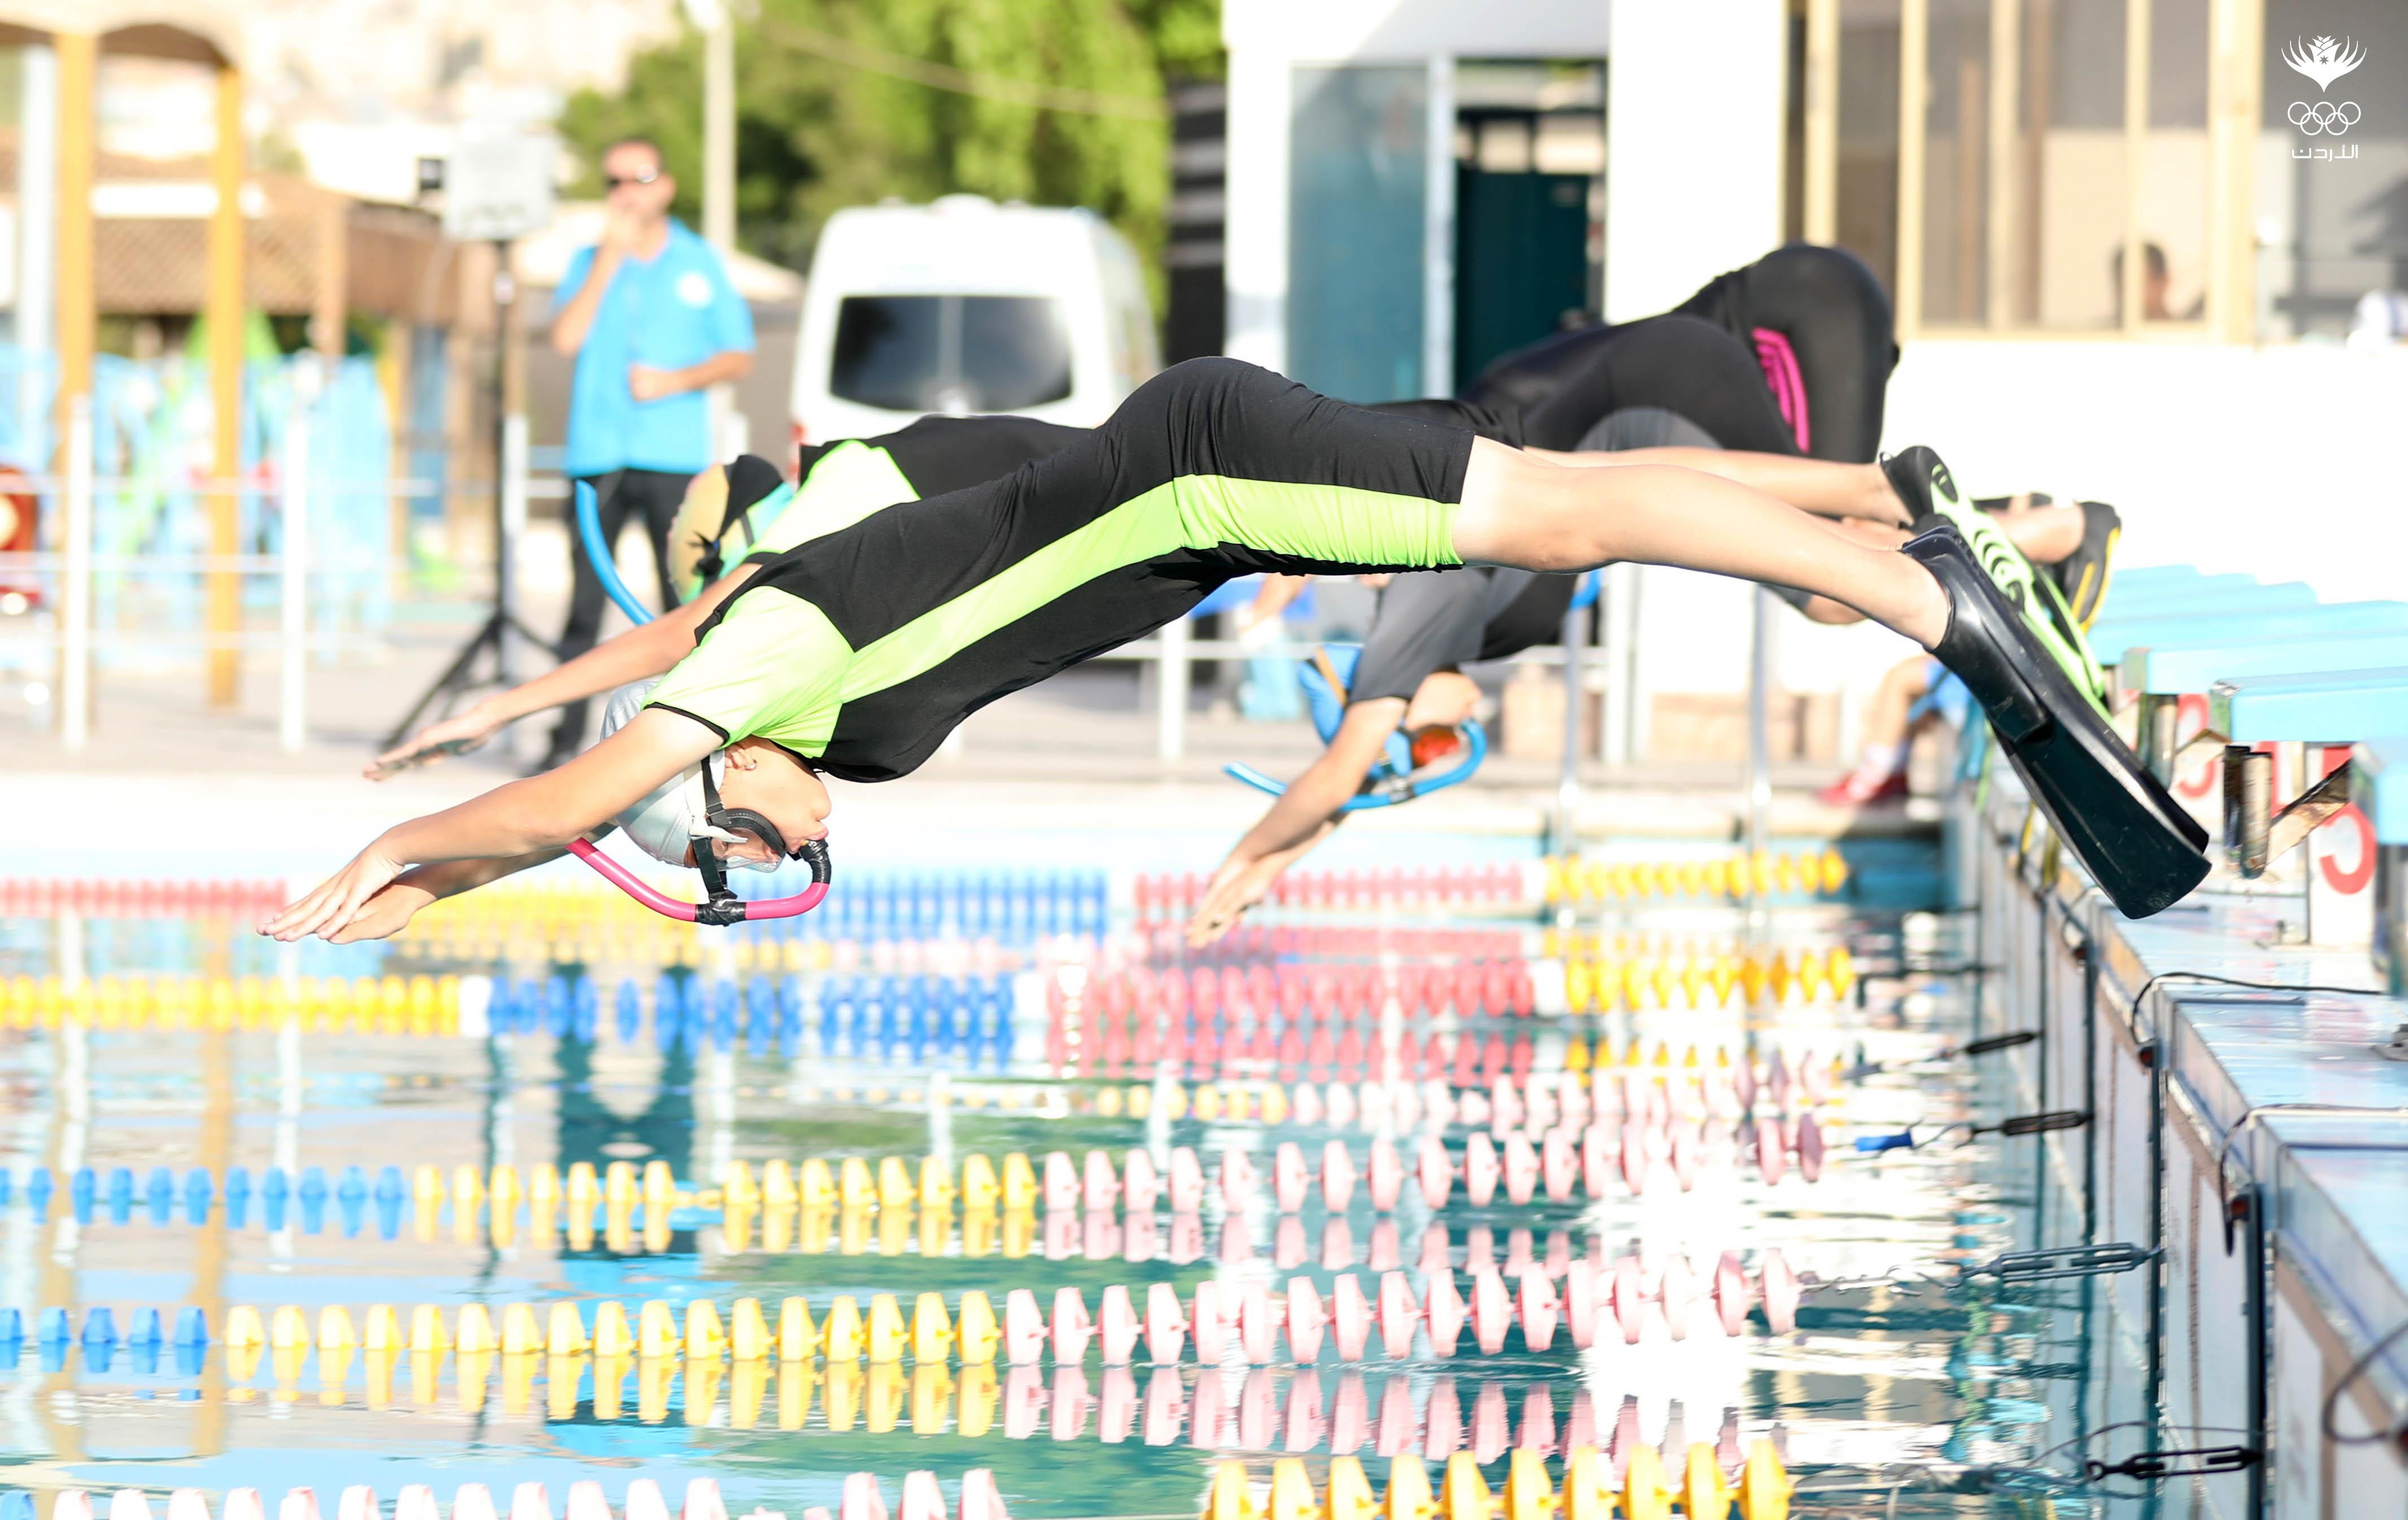 العقبة تستضيف بطولة المملكة المفتوحة للسباحة بالزعانف